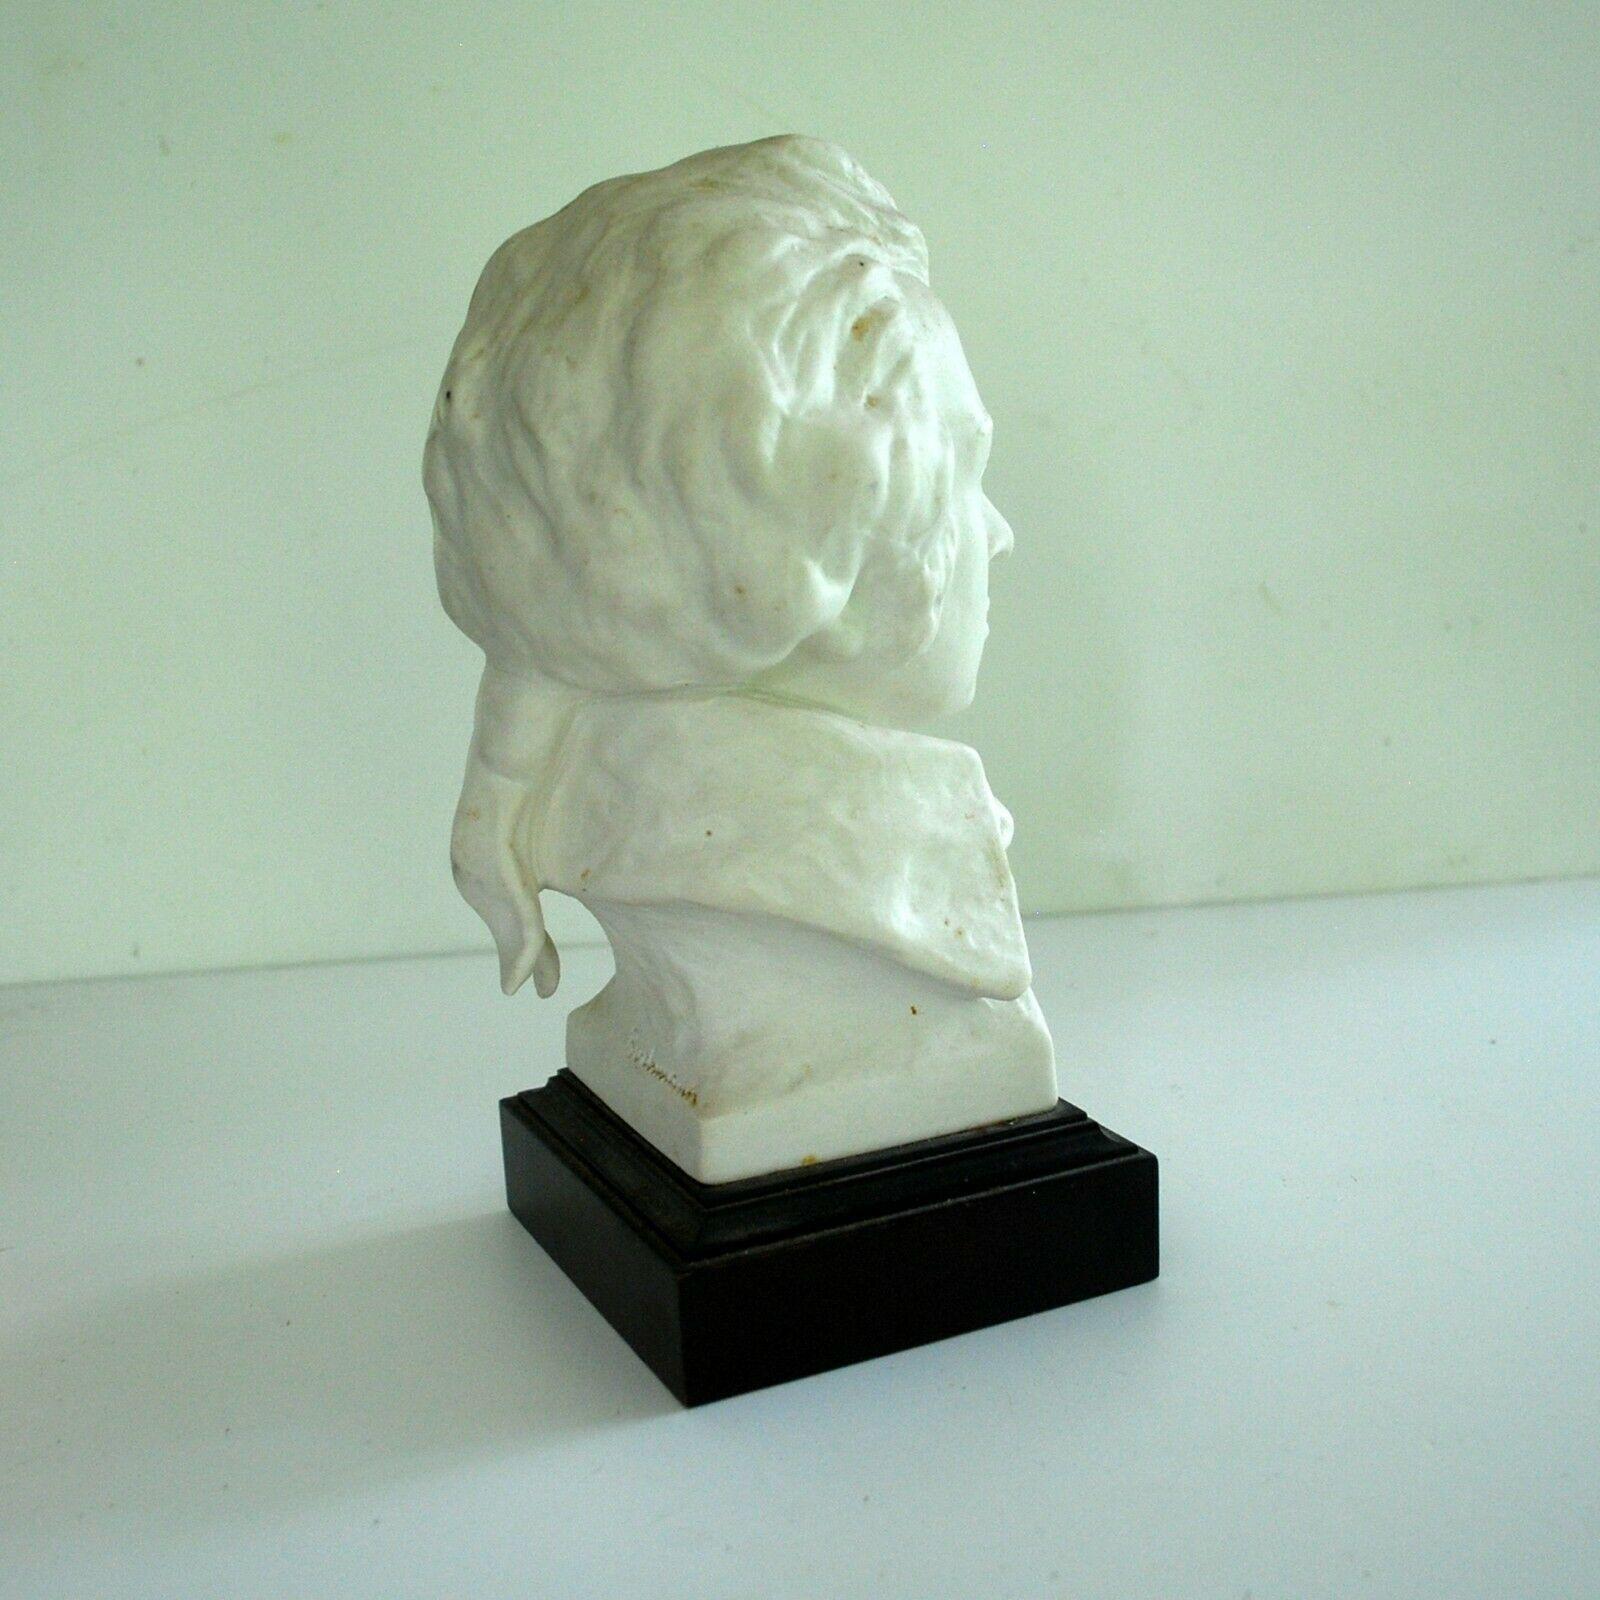 Vintage Porcelain Bust of Wolfgang Amadeus Mozart on Black Plinth